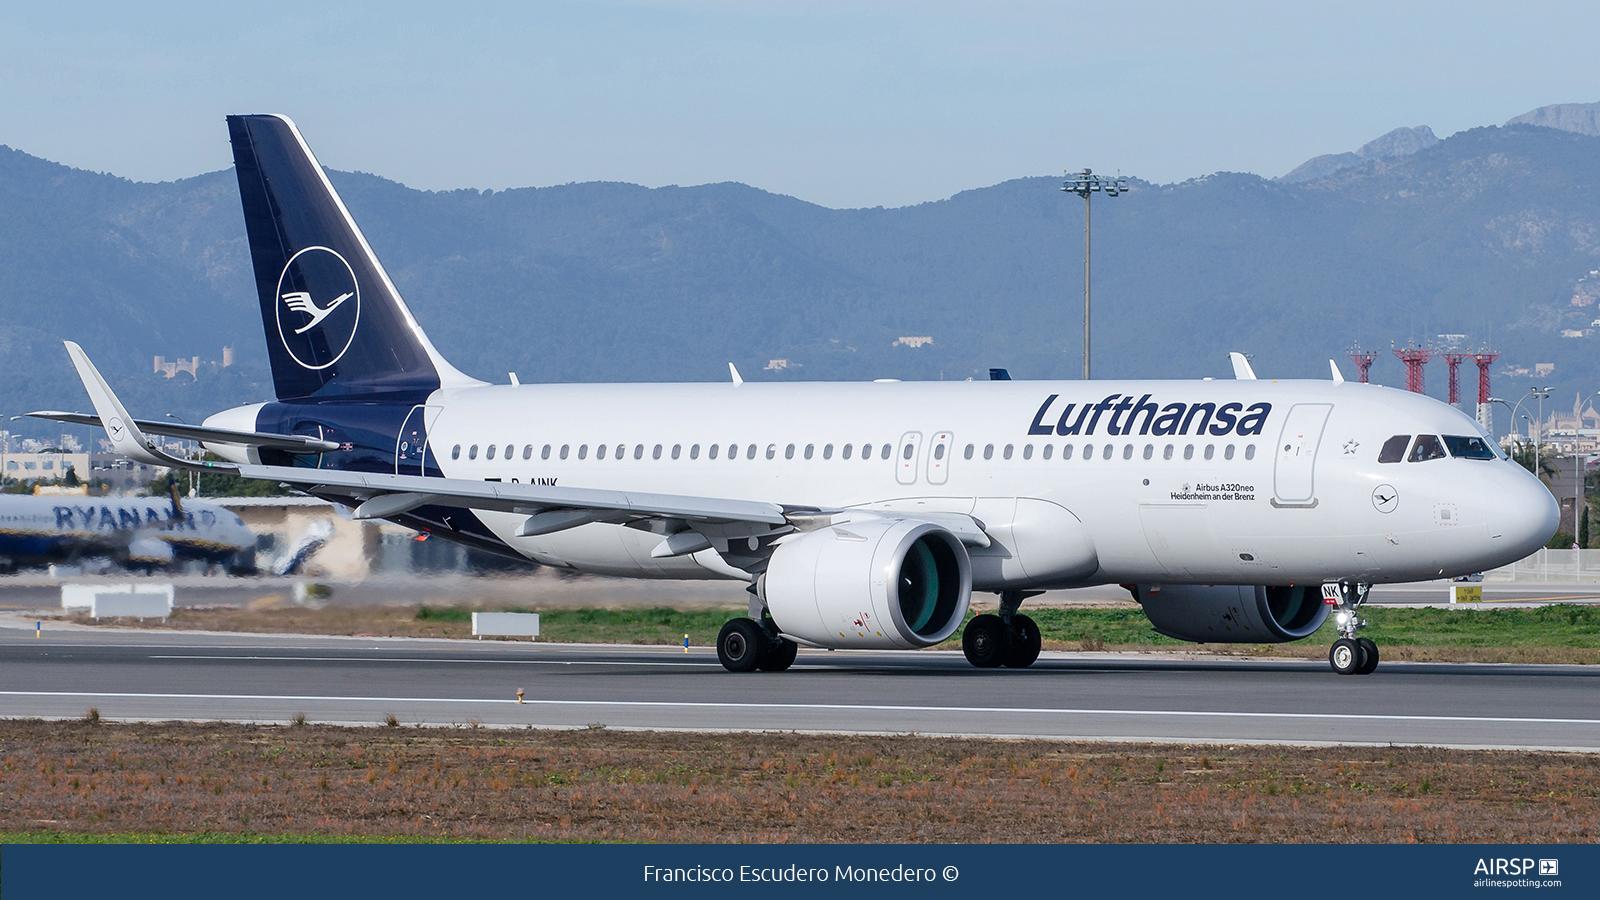 Lufthansa  Airbus A320neo  D-AINK